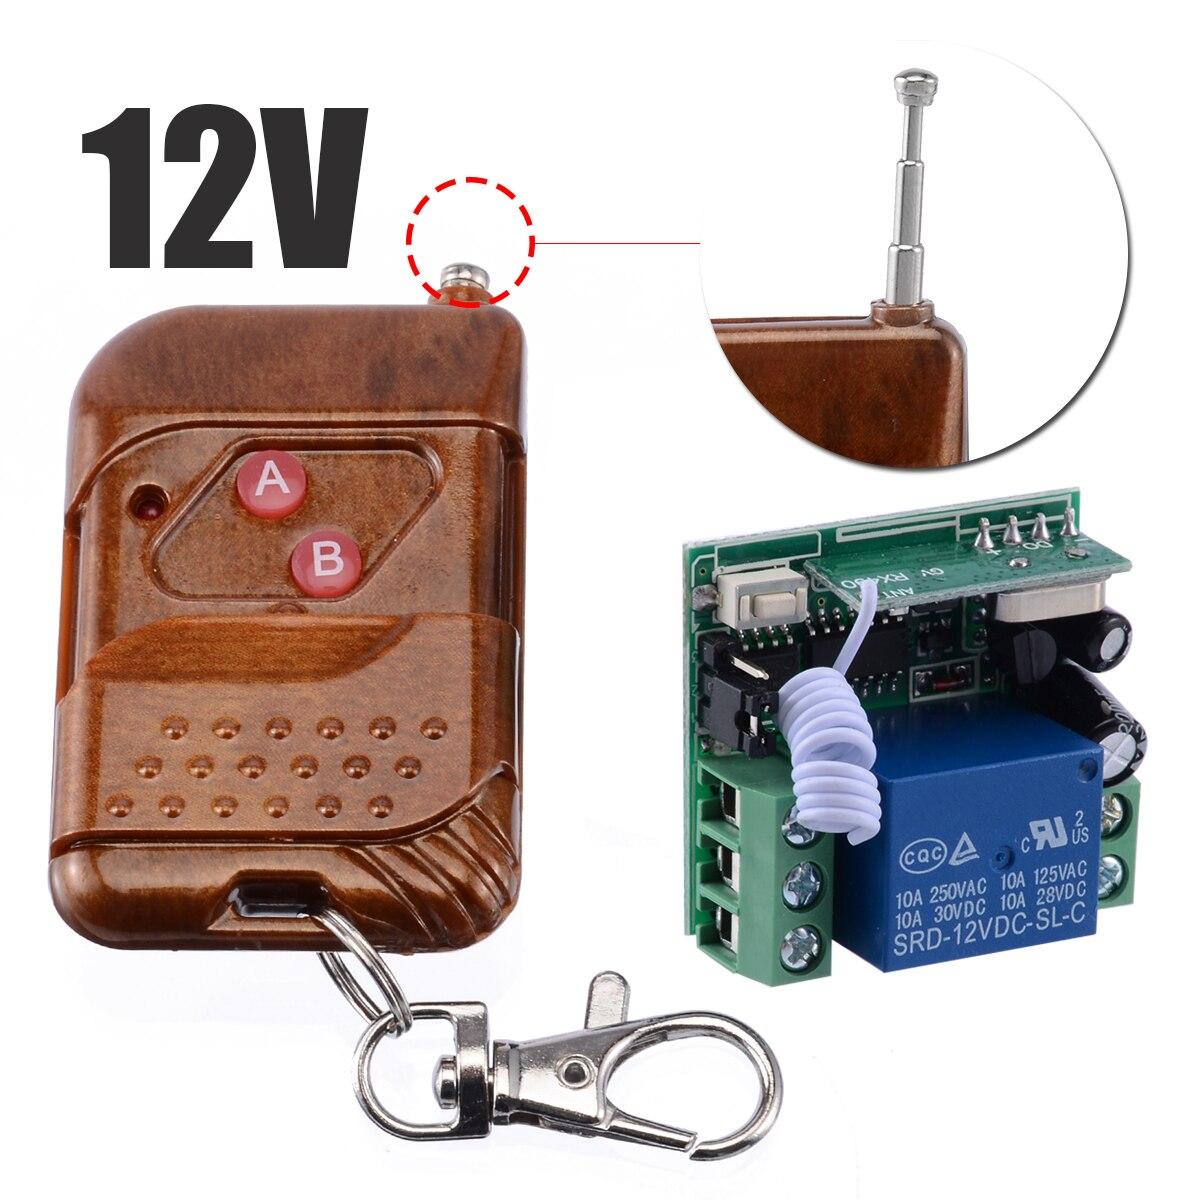 Universal 433MHZ Drahtlose Fernbedienung 1 Kanal Drahtlose Relais Schalter Empfänger Sender Schlüssel für Elektrische Garage Tür